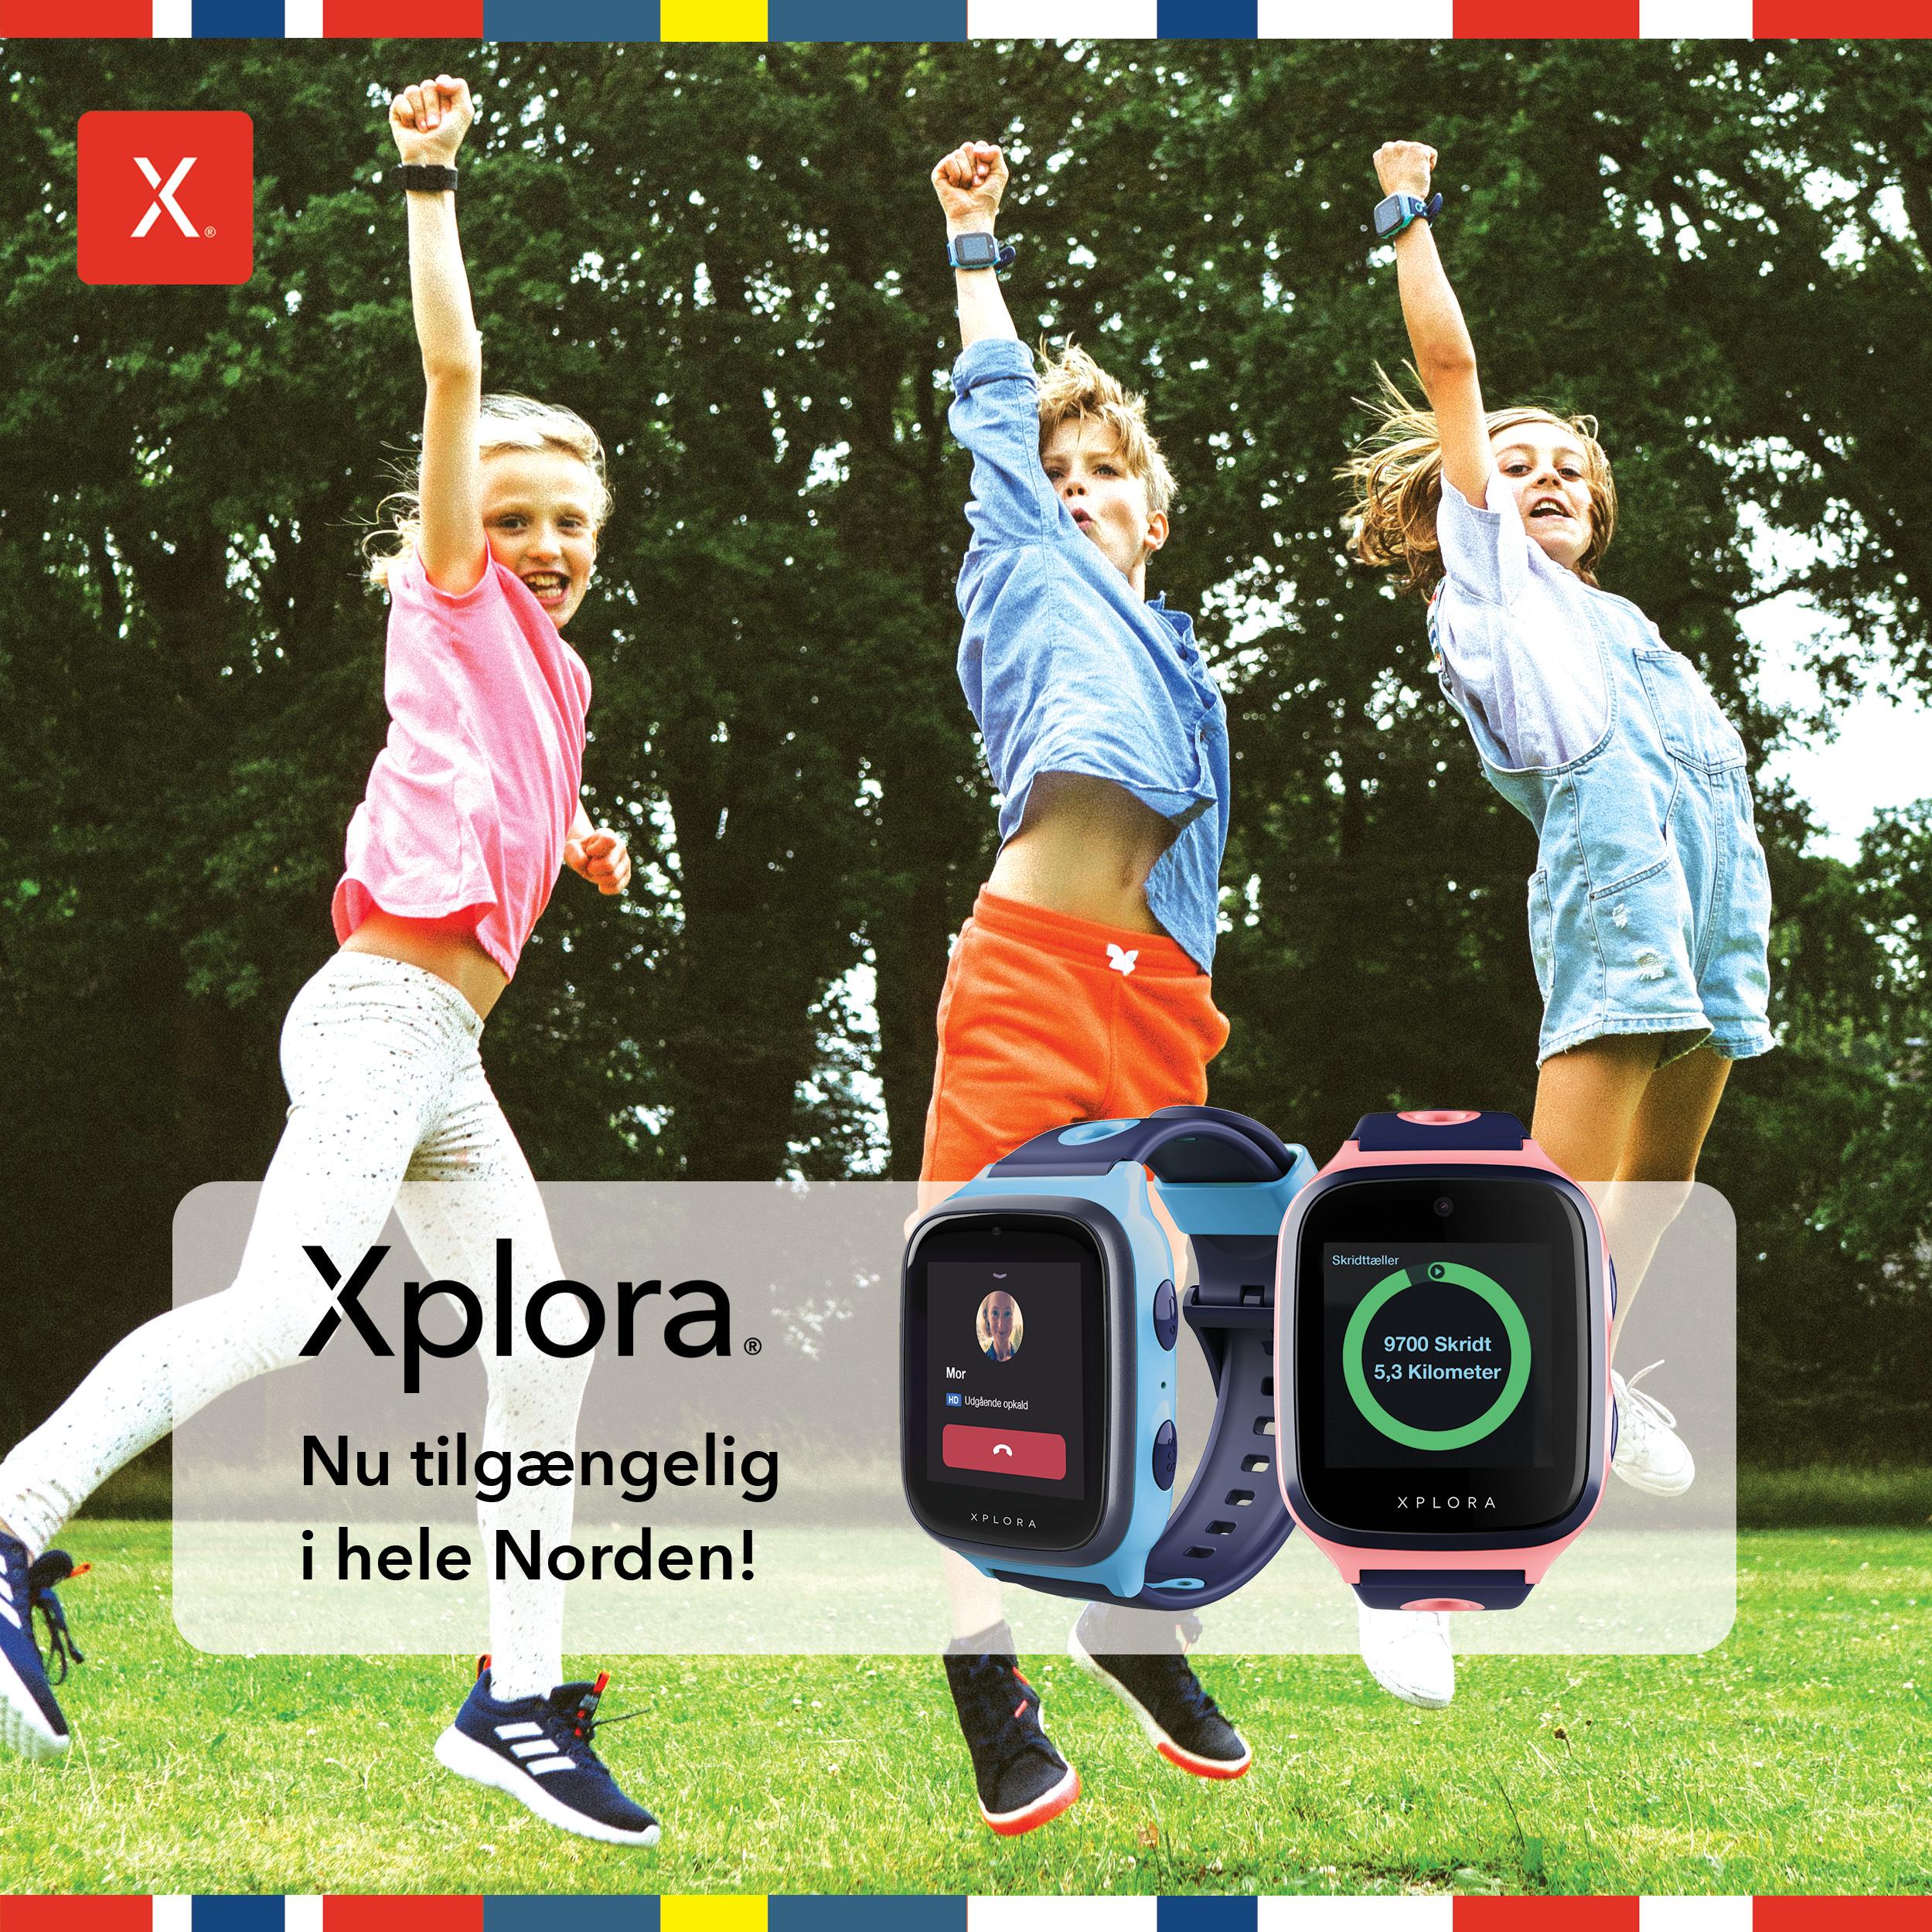 XPLORA – nu tilgængelig i hele Norden!